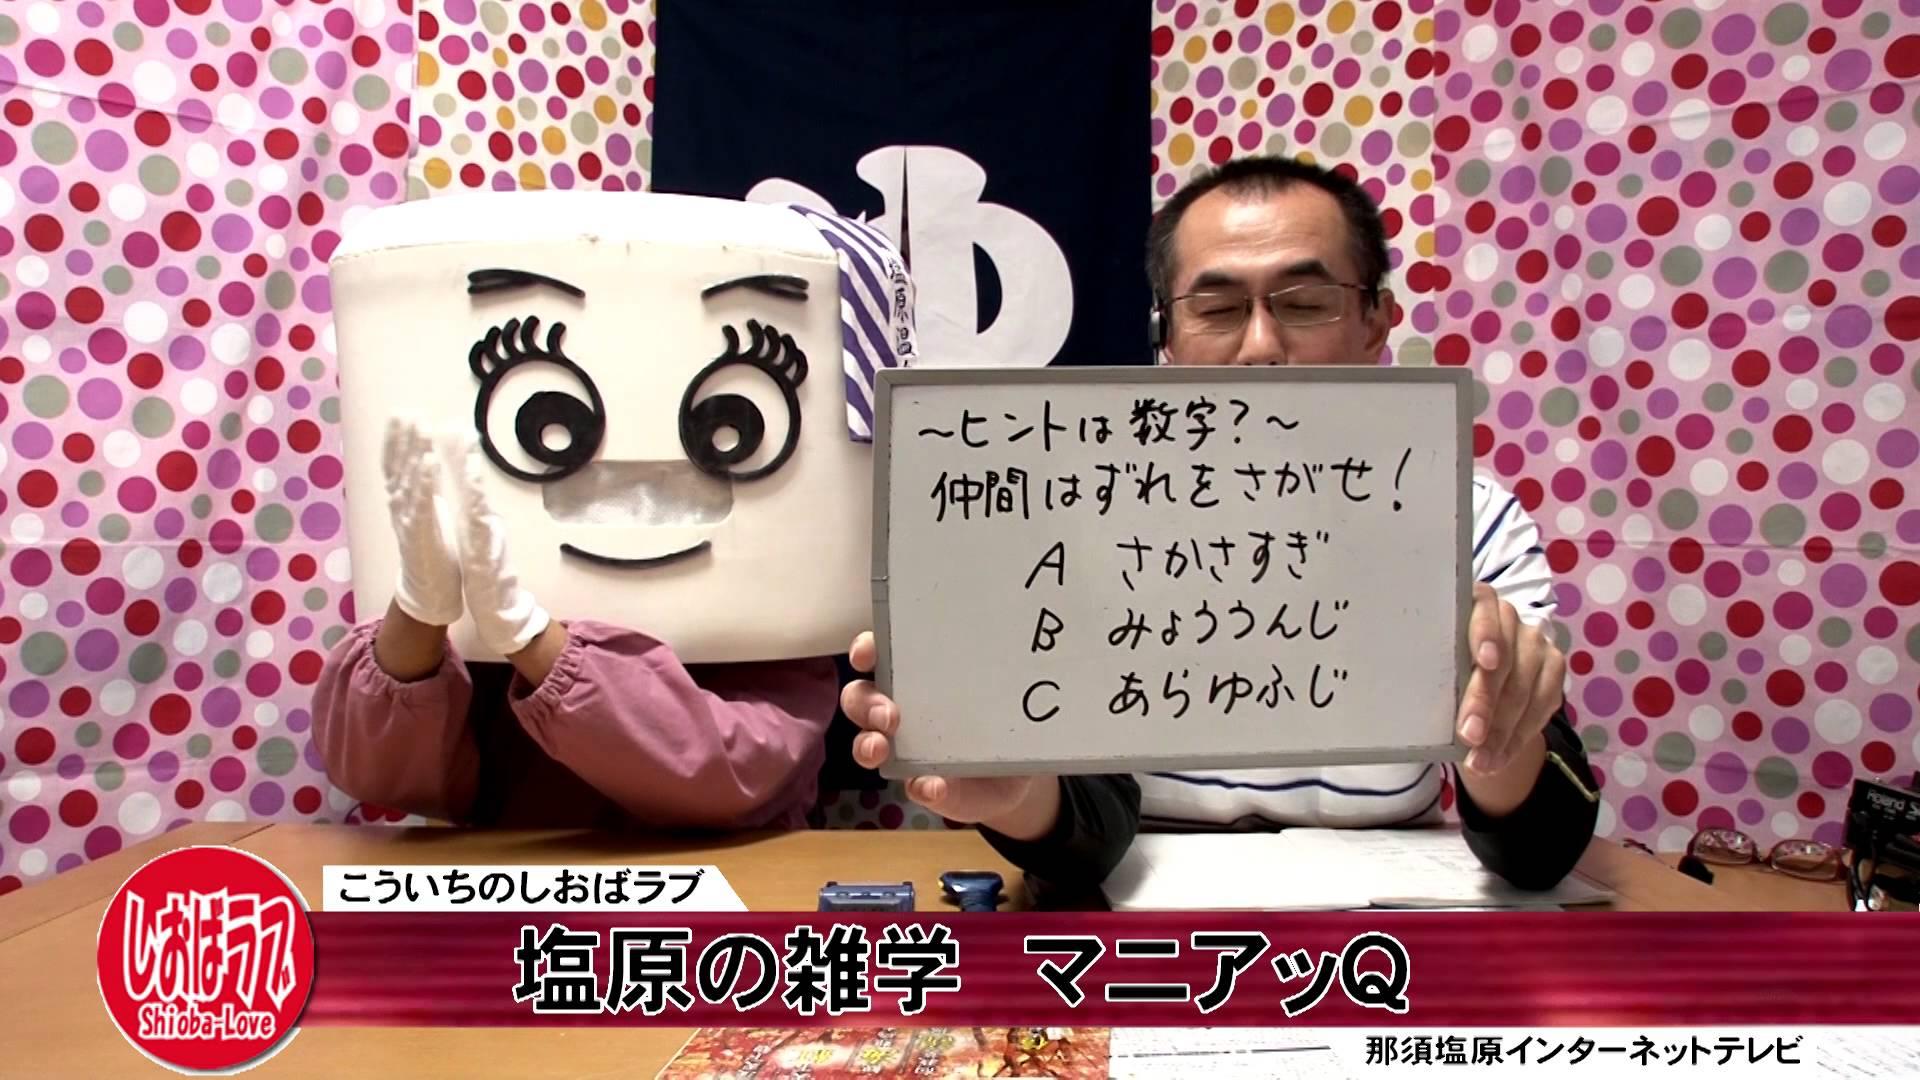 こういちのしおばラブ(塩原+LOVE)第160回